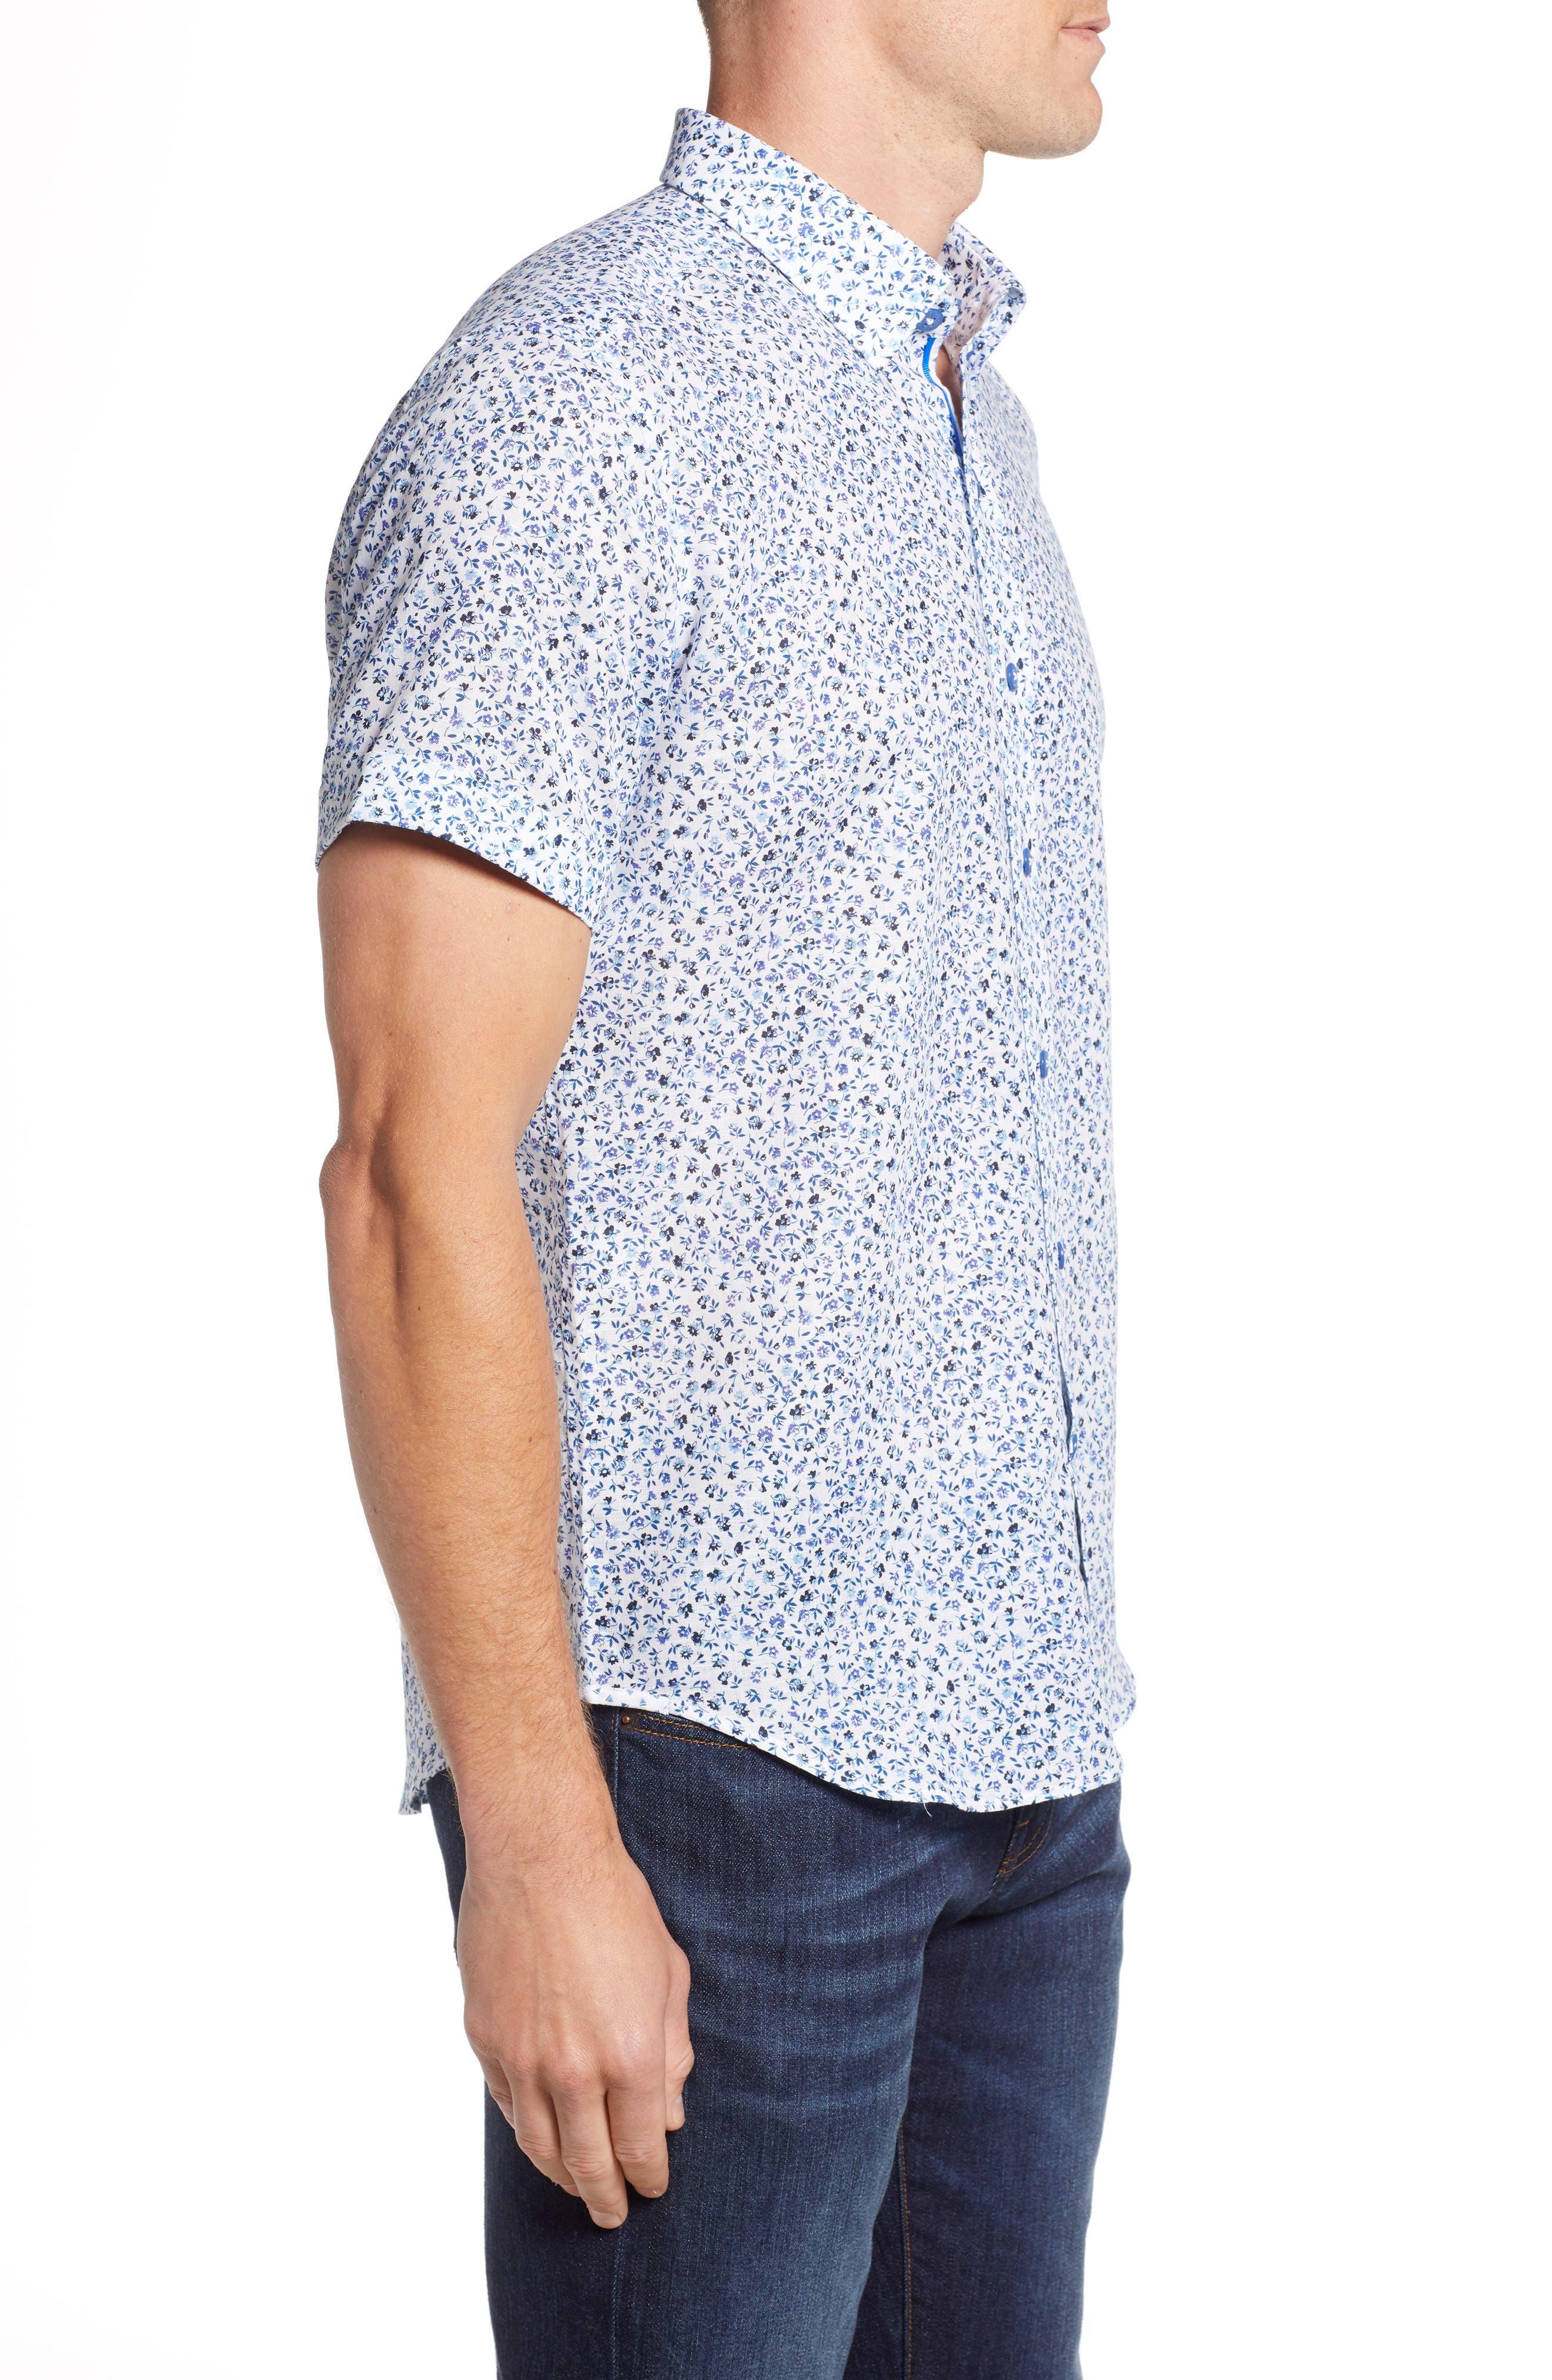 Patrick Floral Linen Blend Sport Shirt,                             Alternate thumbnail 4, color,                             400